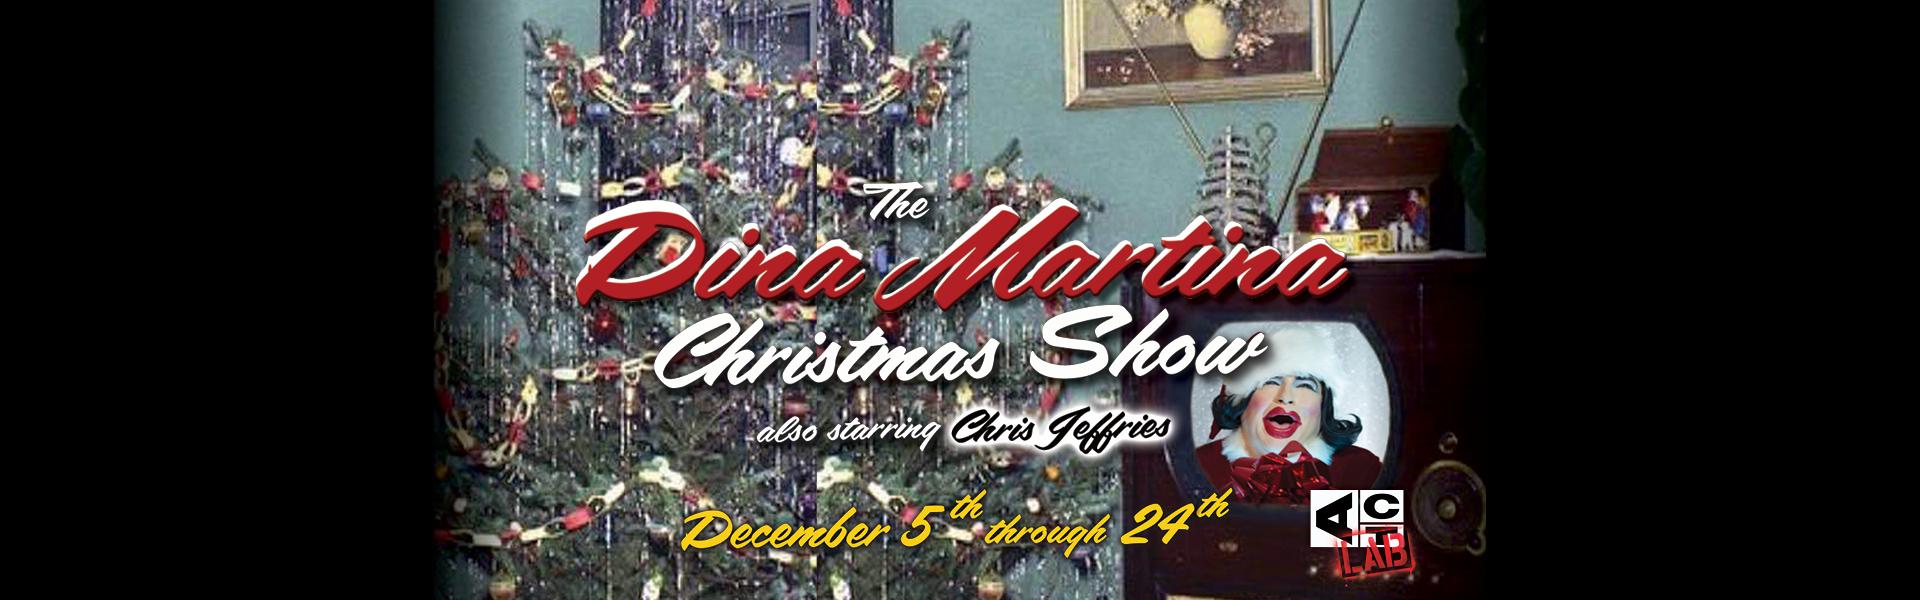 The Dina Martina Christmas Show